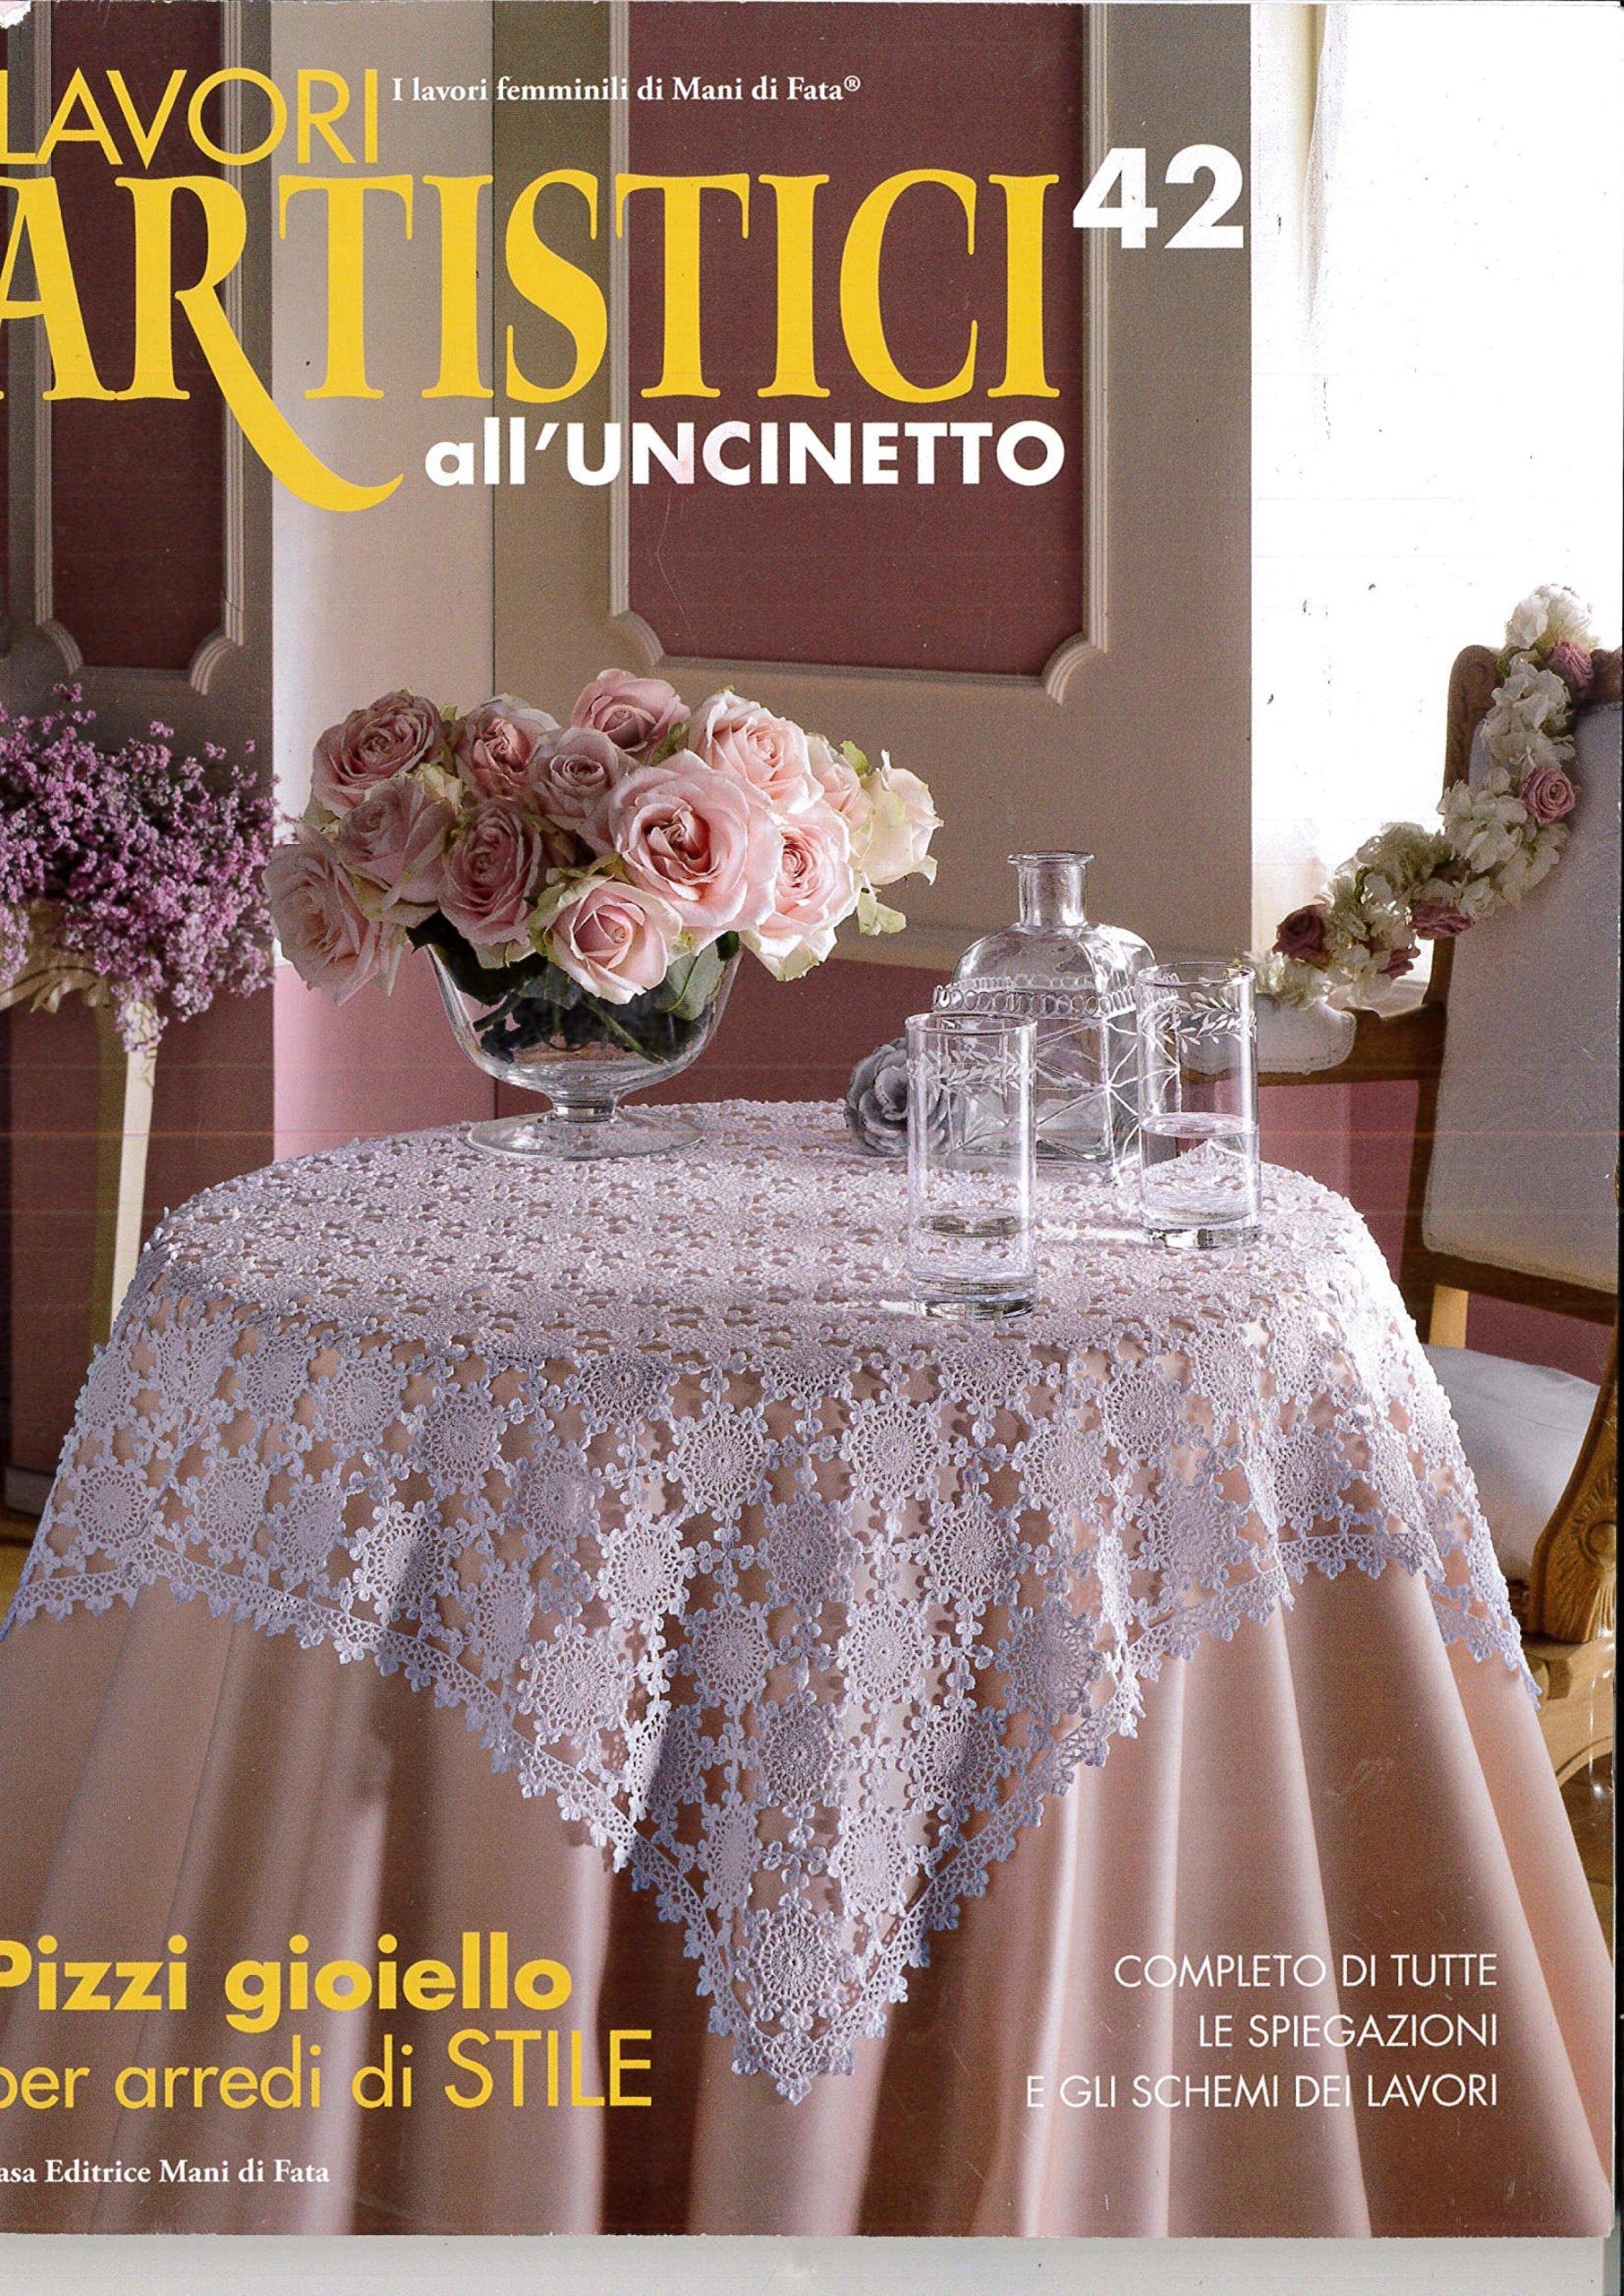 Amazonit Lavori Artistici Alluncinetto 42 Casa Editrice Mani Di